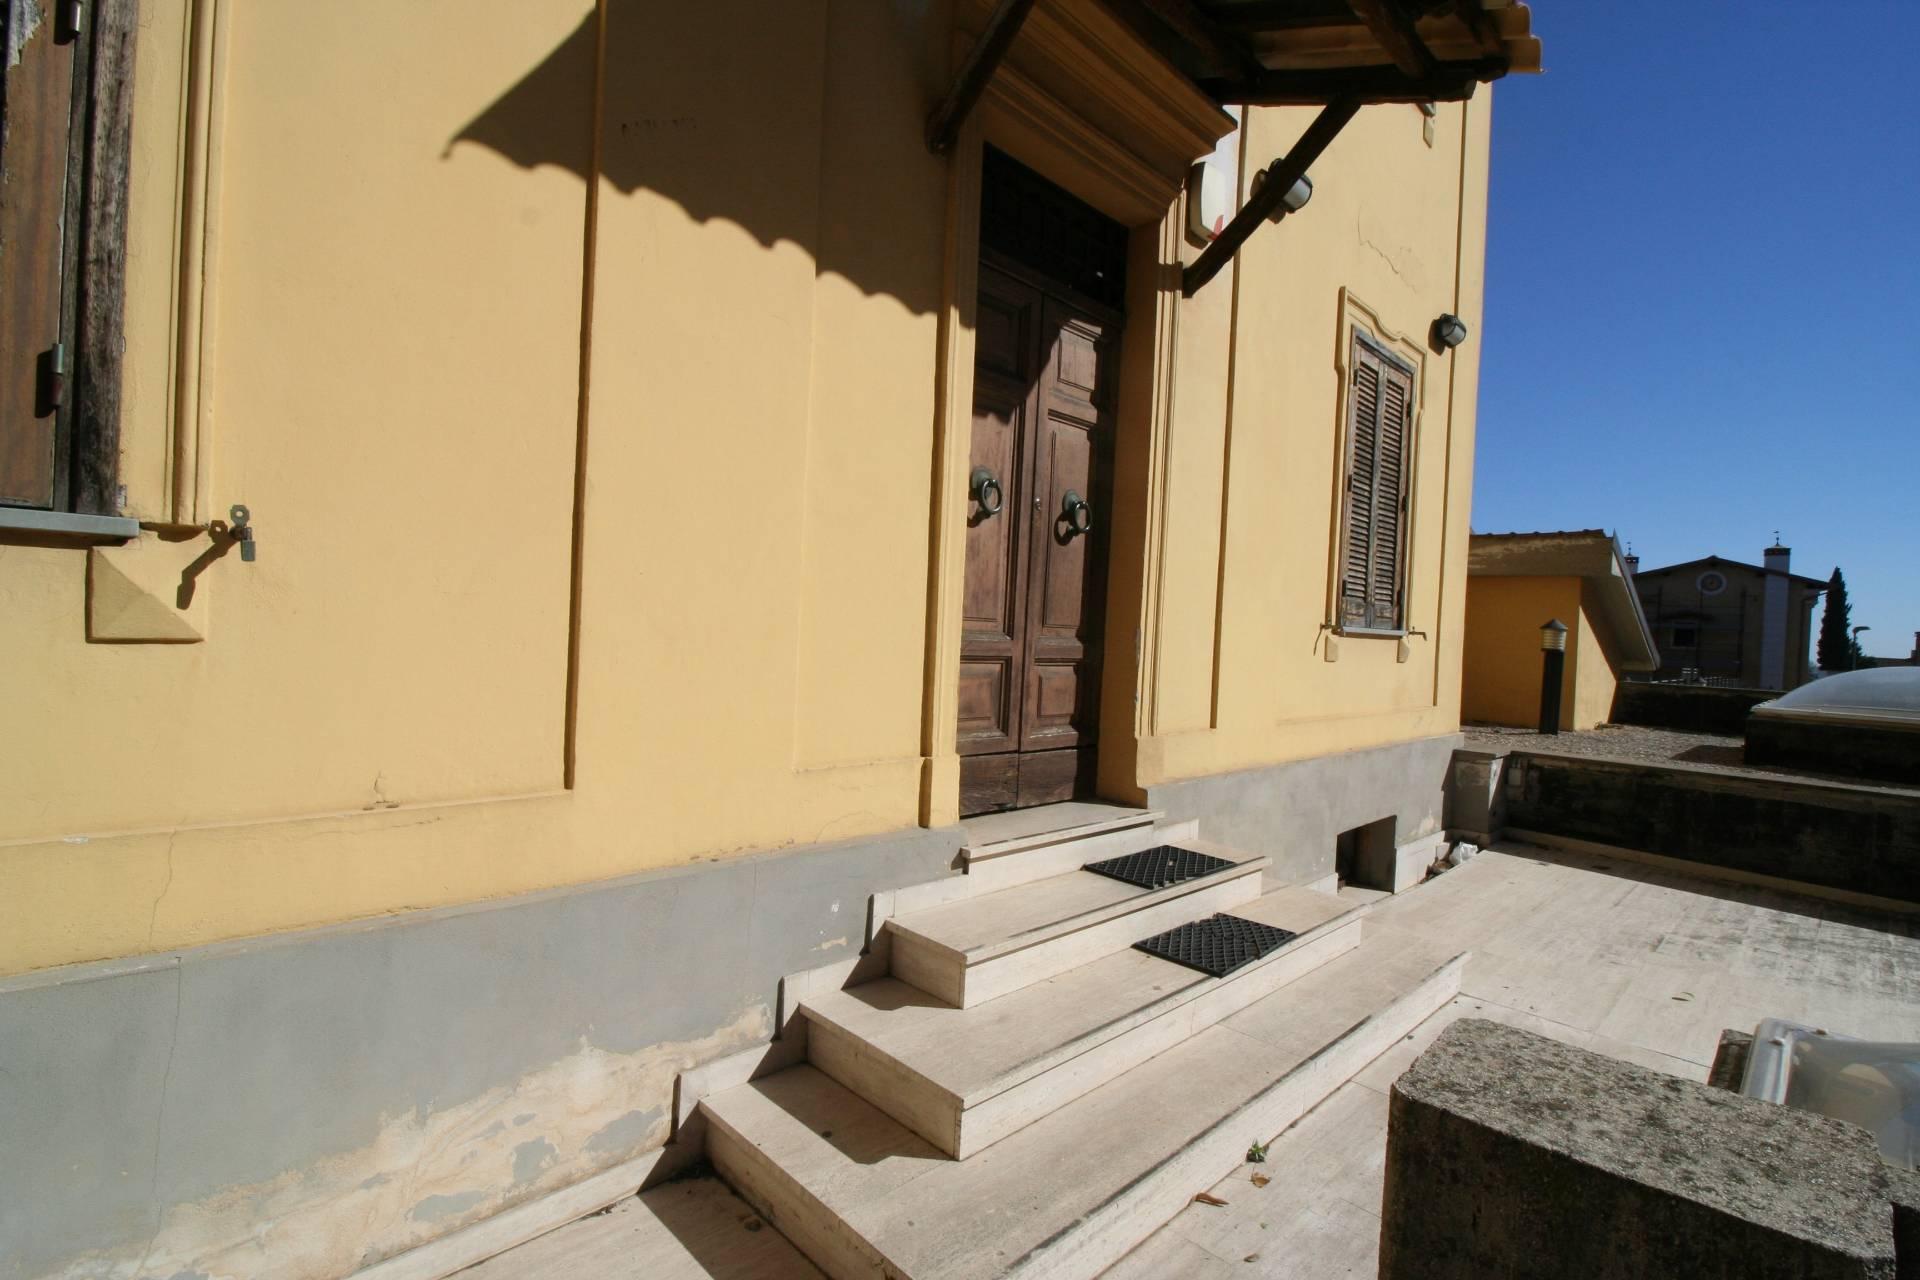 Soluzione Indipendente in vendita a Ronciglione, 5 locali, zona Località: centrale, prezzo € 310.000 | CambioCasa.it